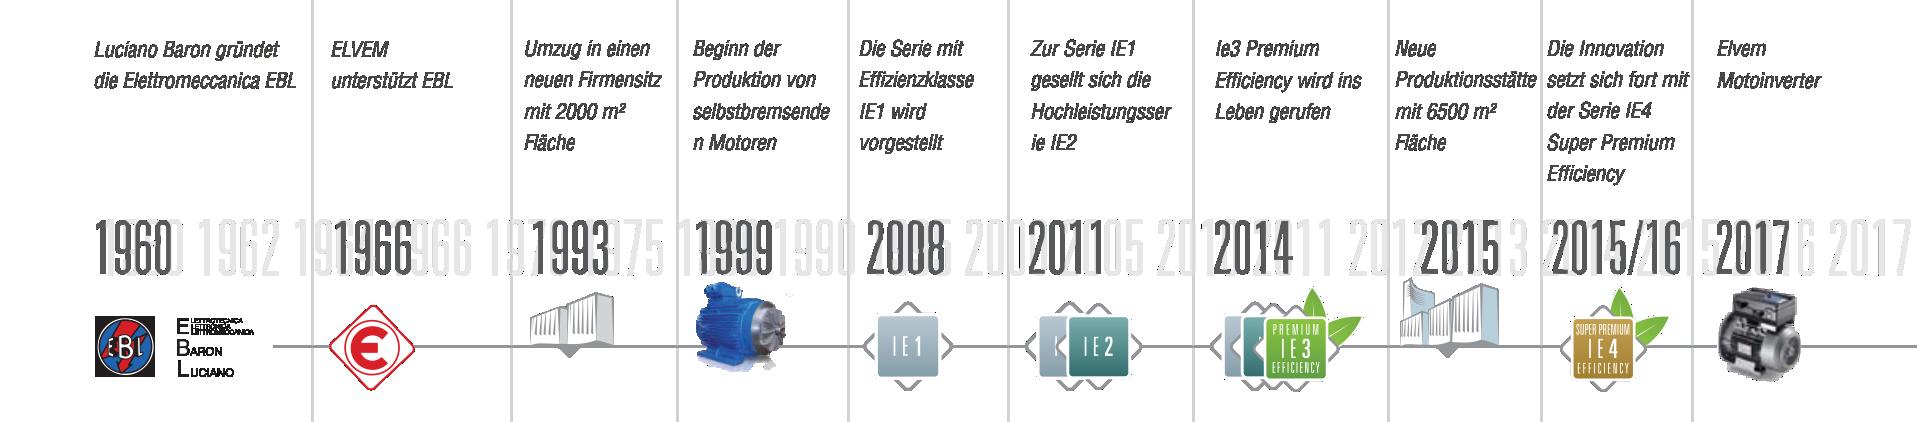 linea del tempo tedesco